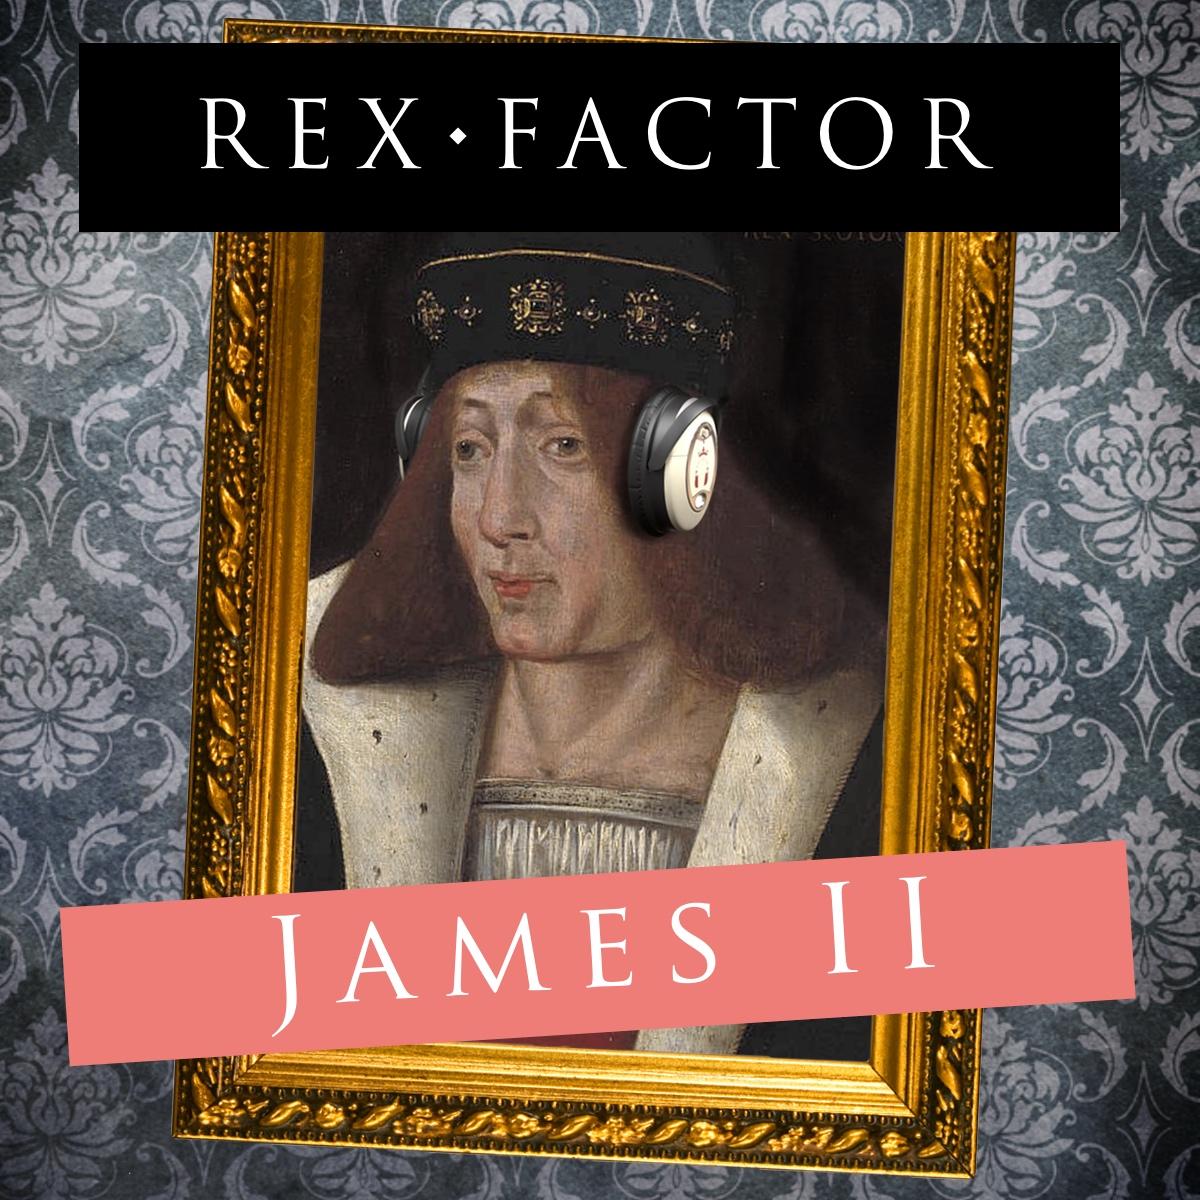 S2.38 James II (of Scots)